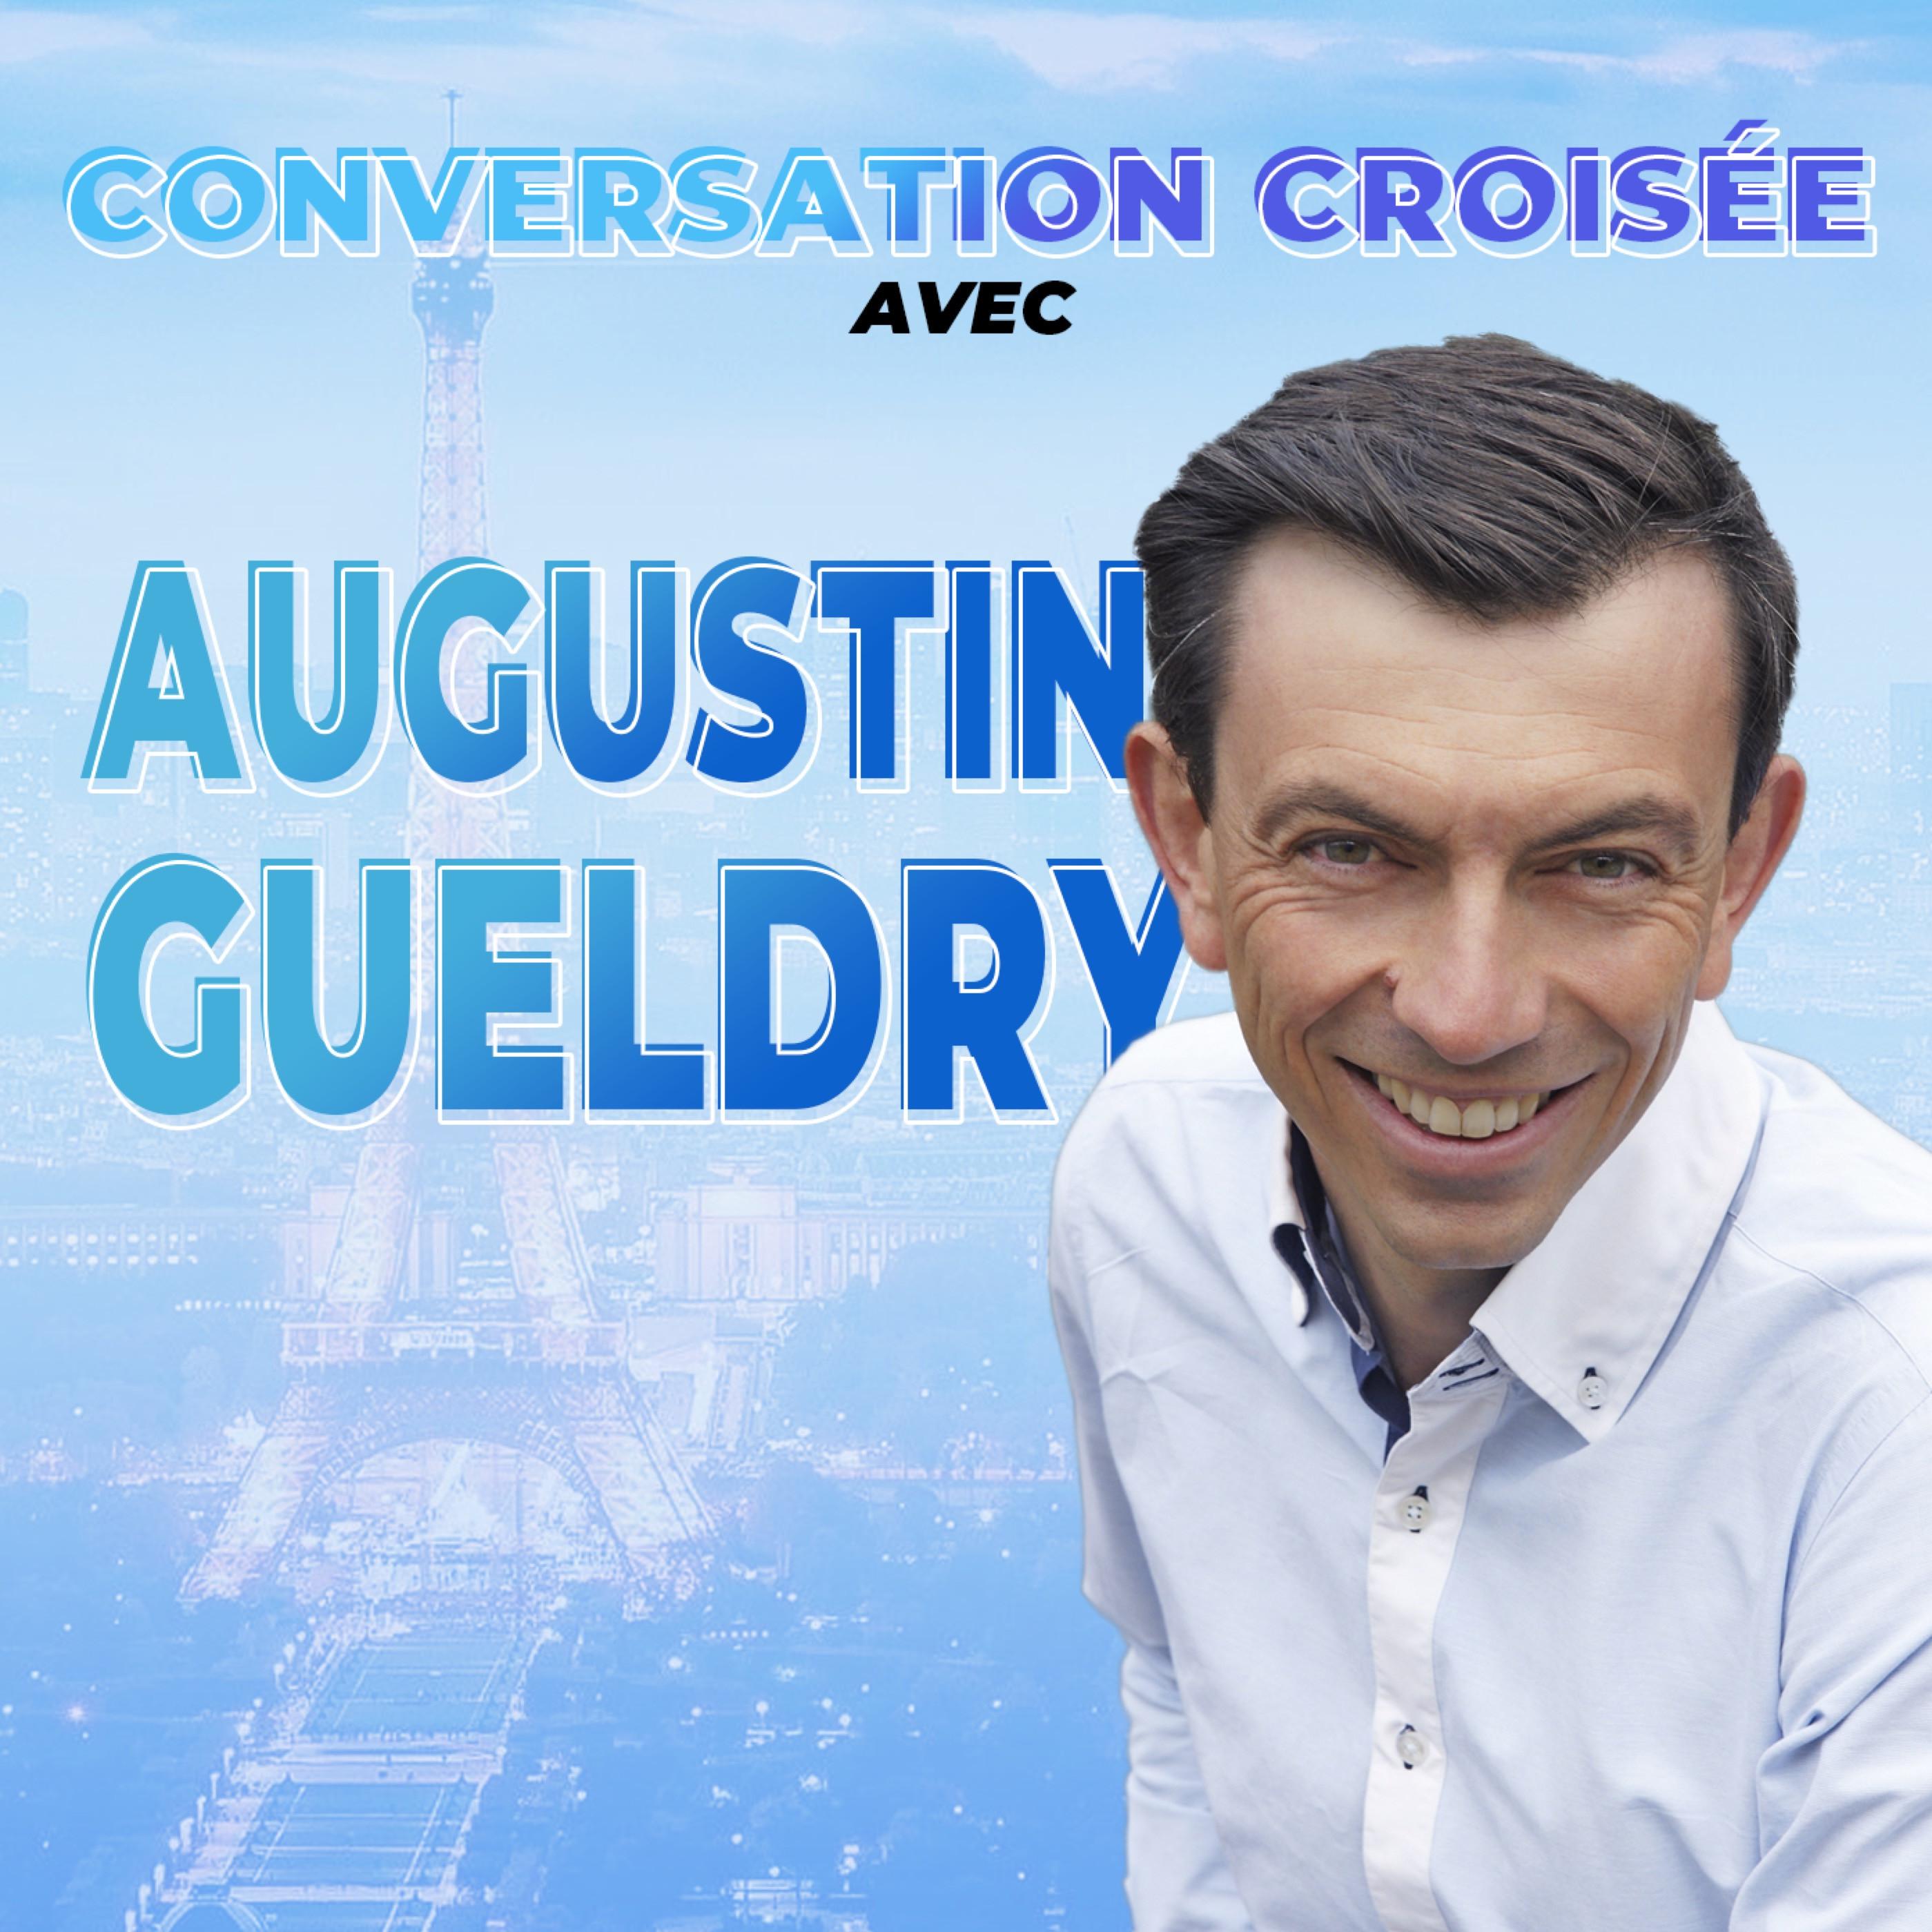 #10 - Conversation croisée - Augustin Gueldry